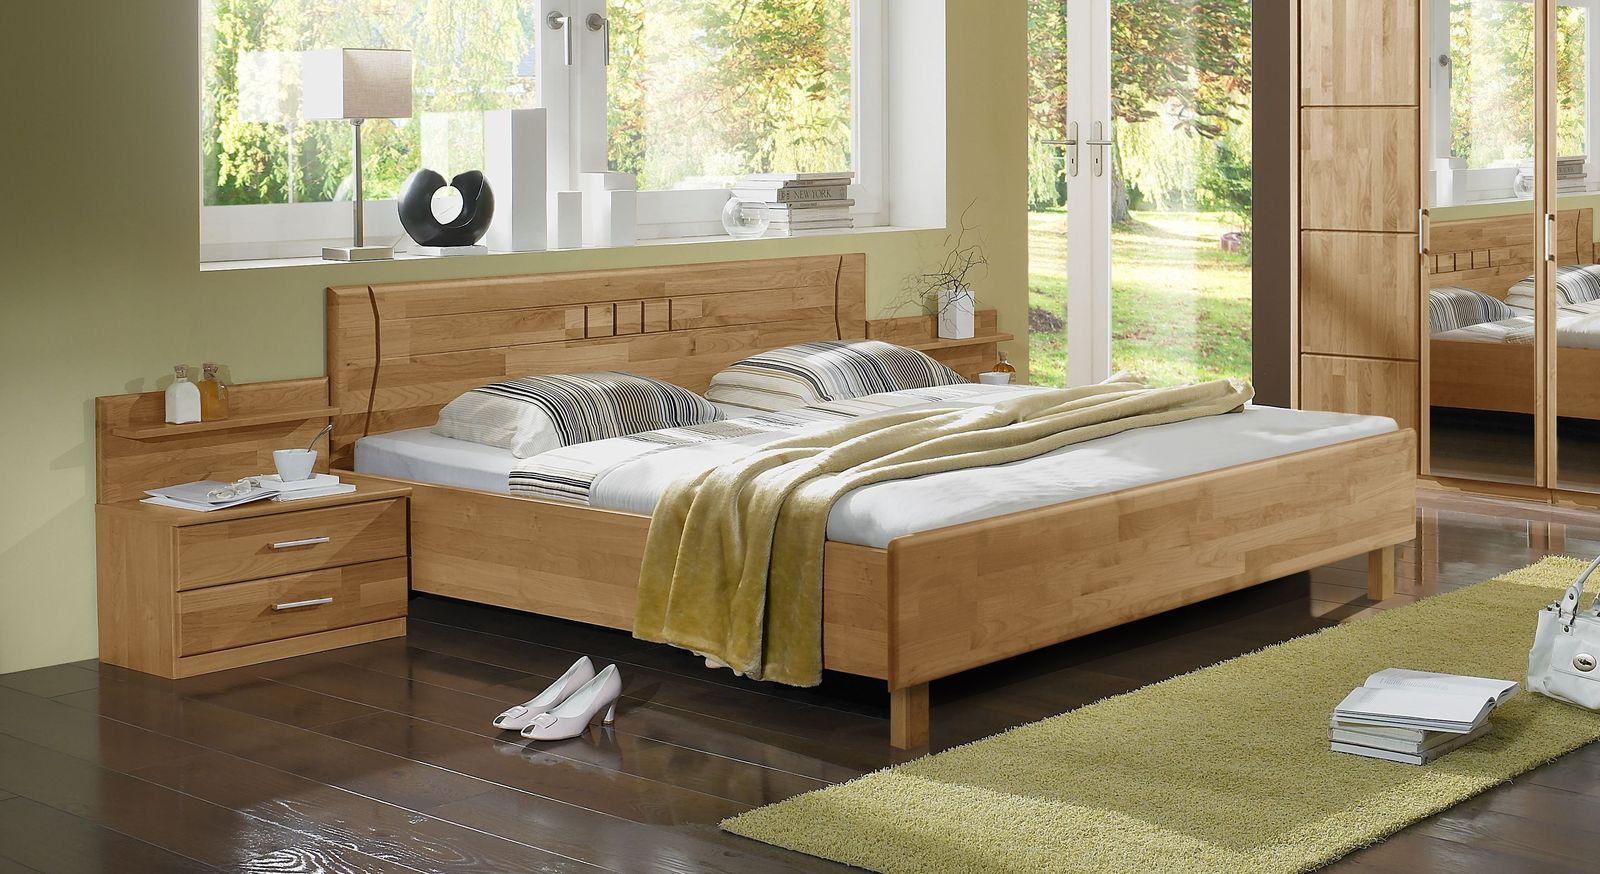 Doppelbett Erle teilmassiv in Standard- und Überlänge - Beyla